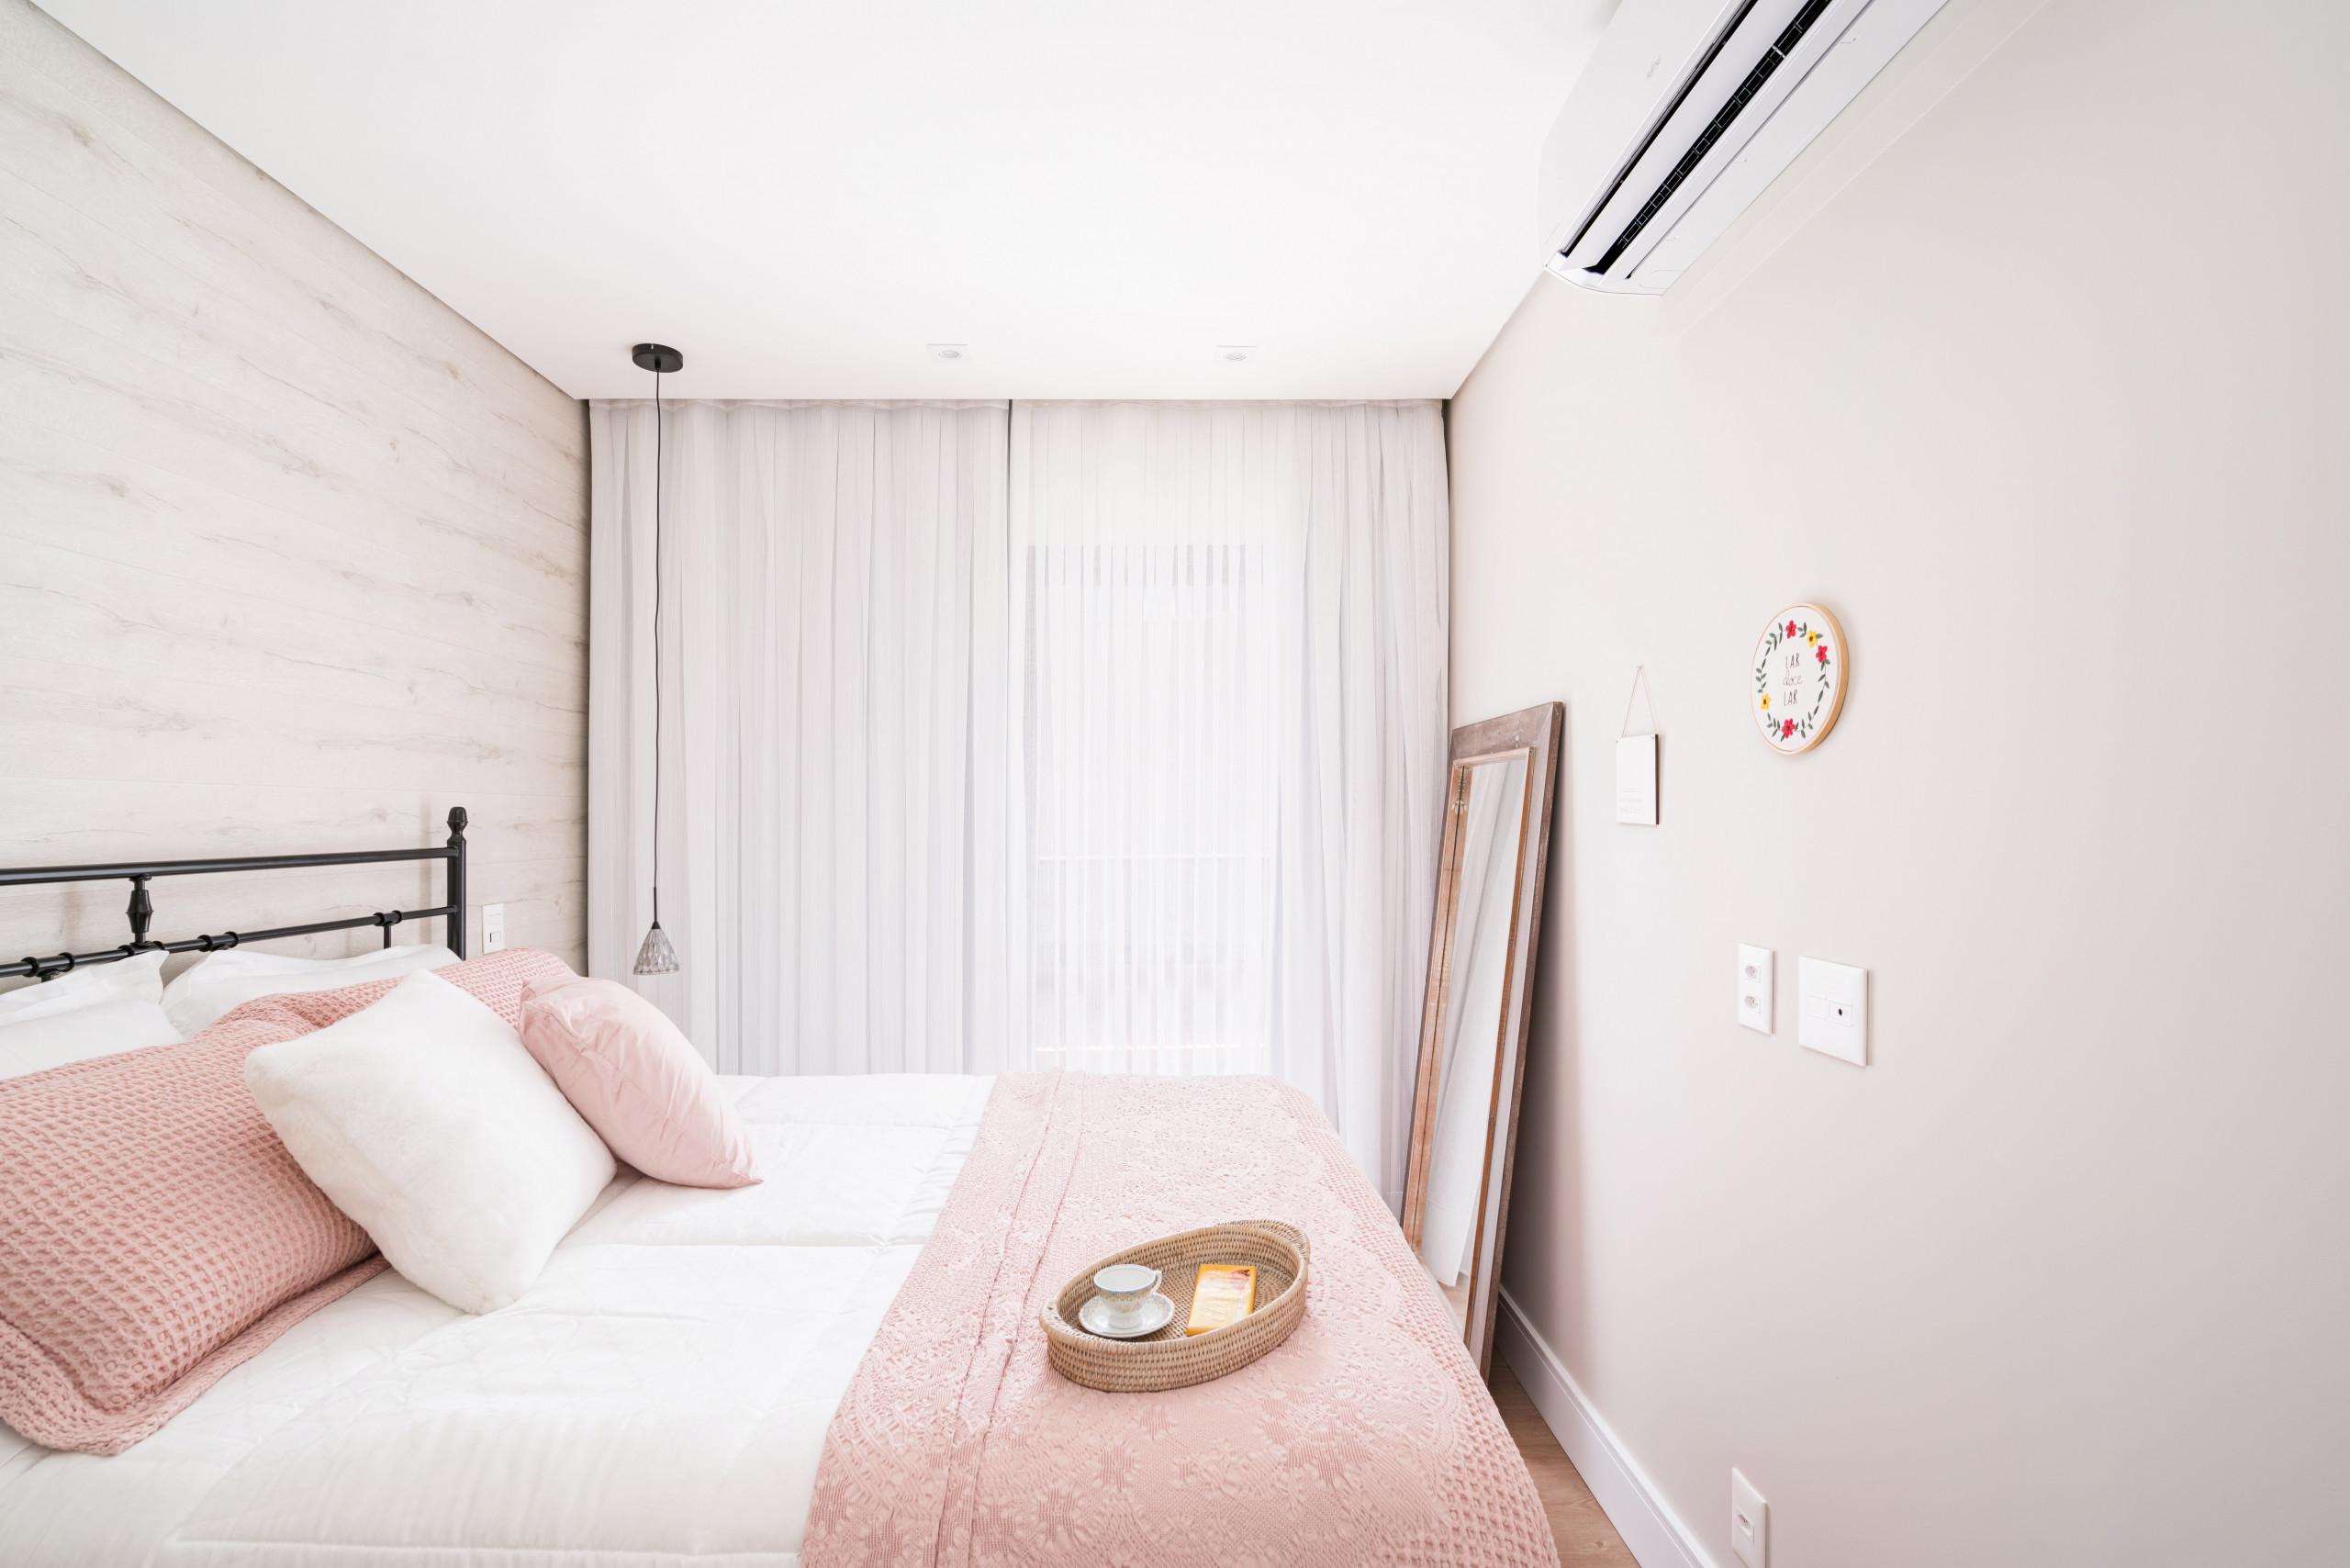 cortina-voil-leve-transparente-branca-linho-quarto